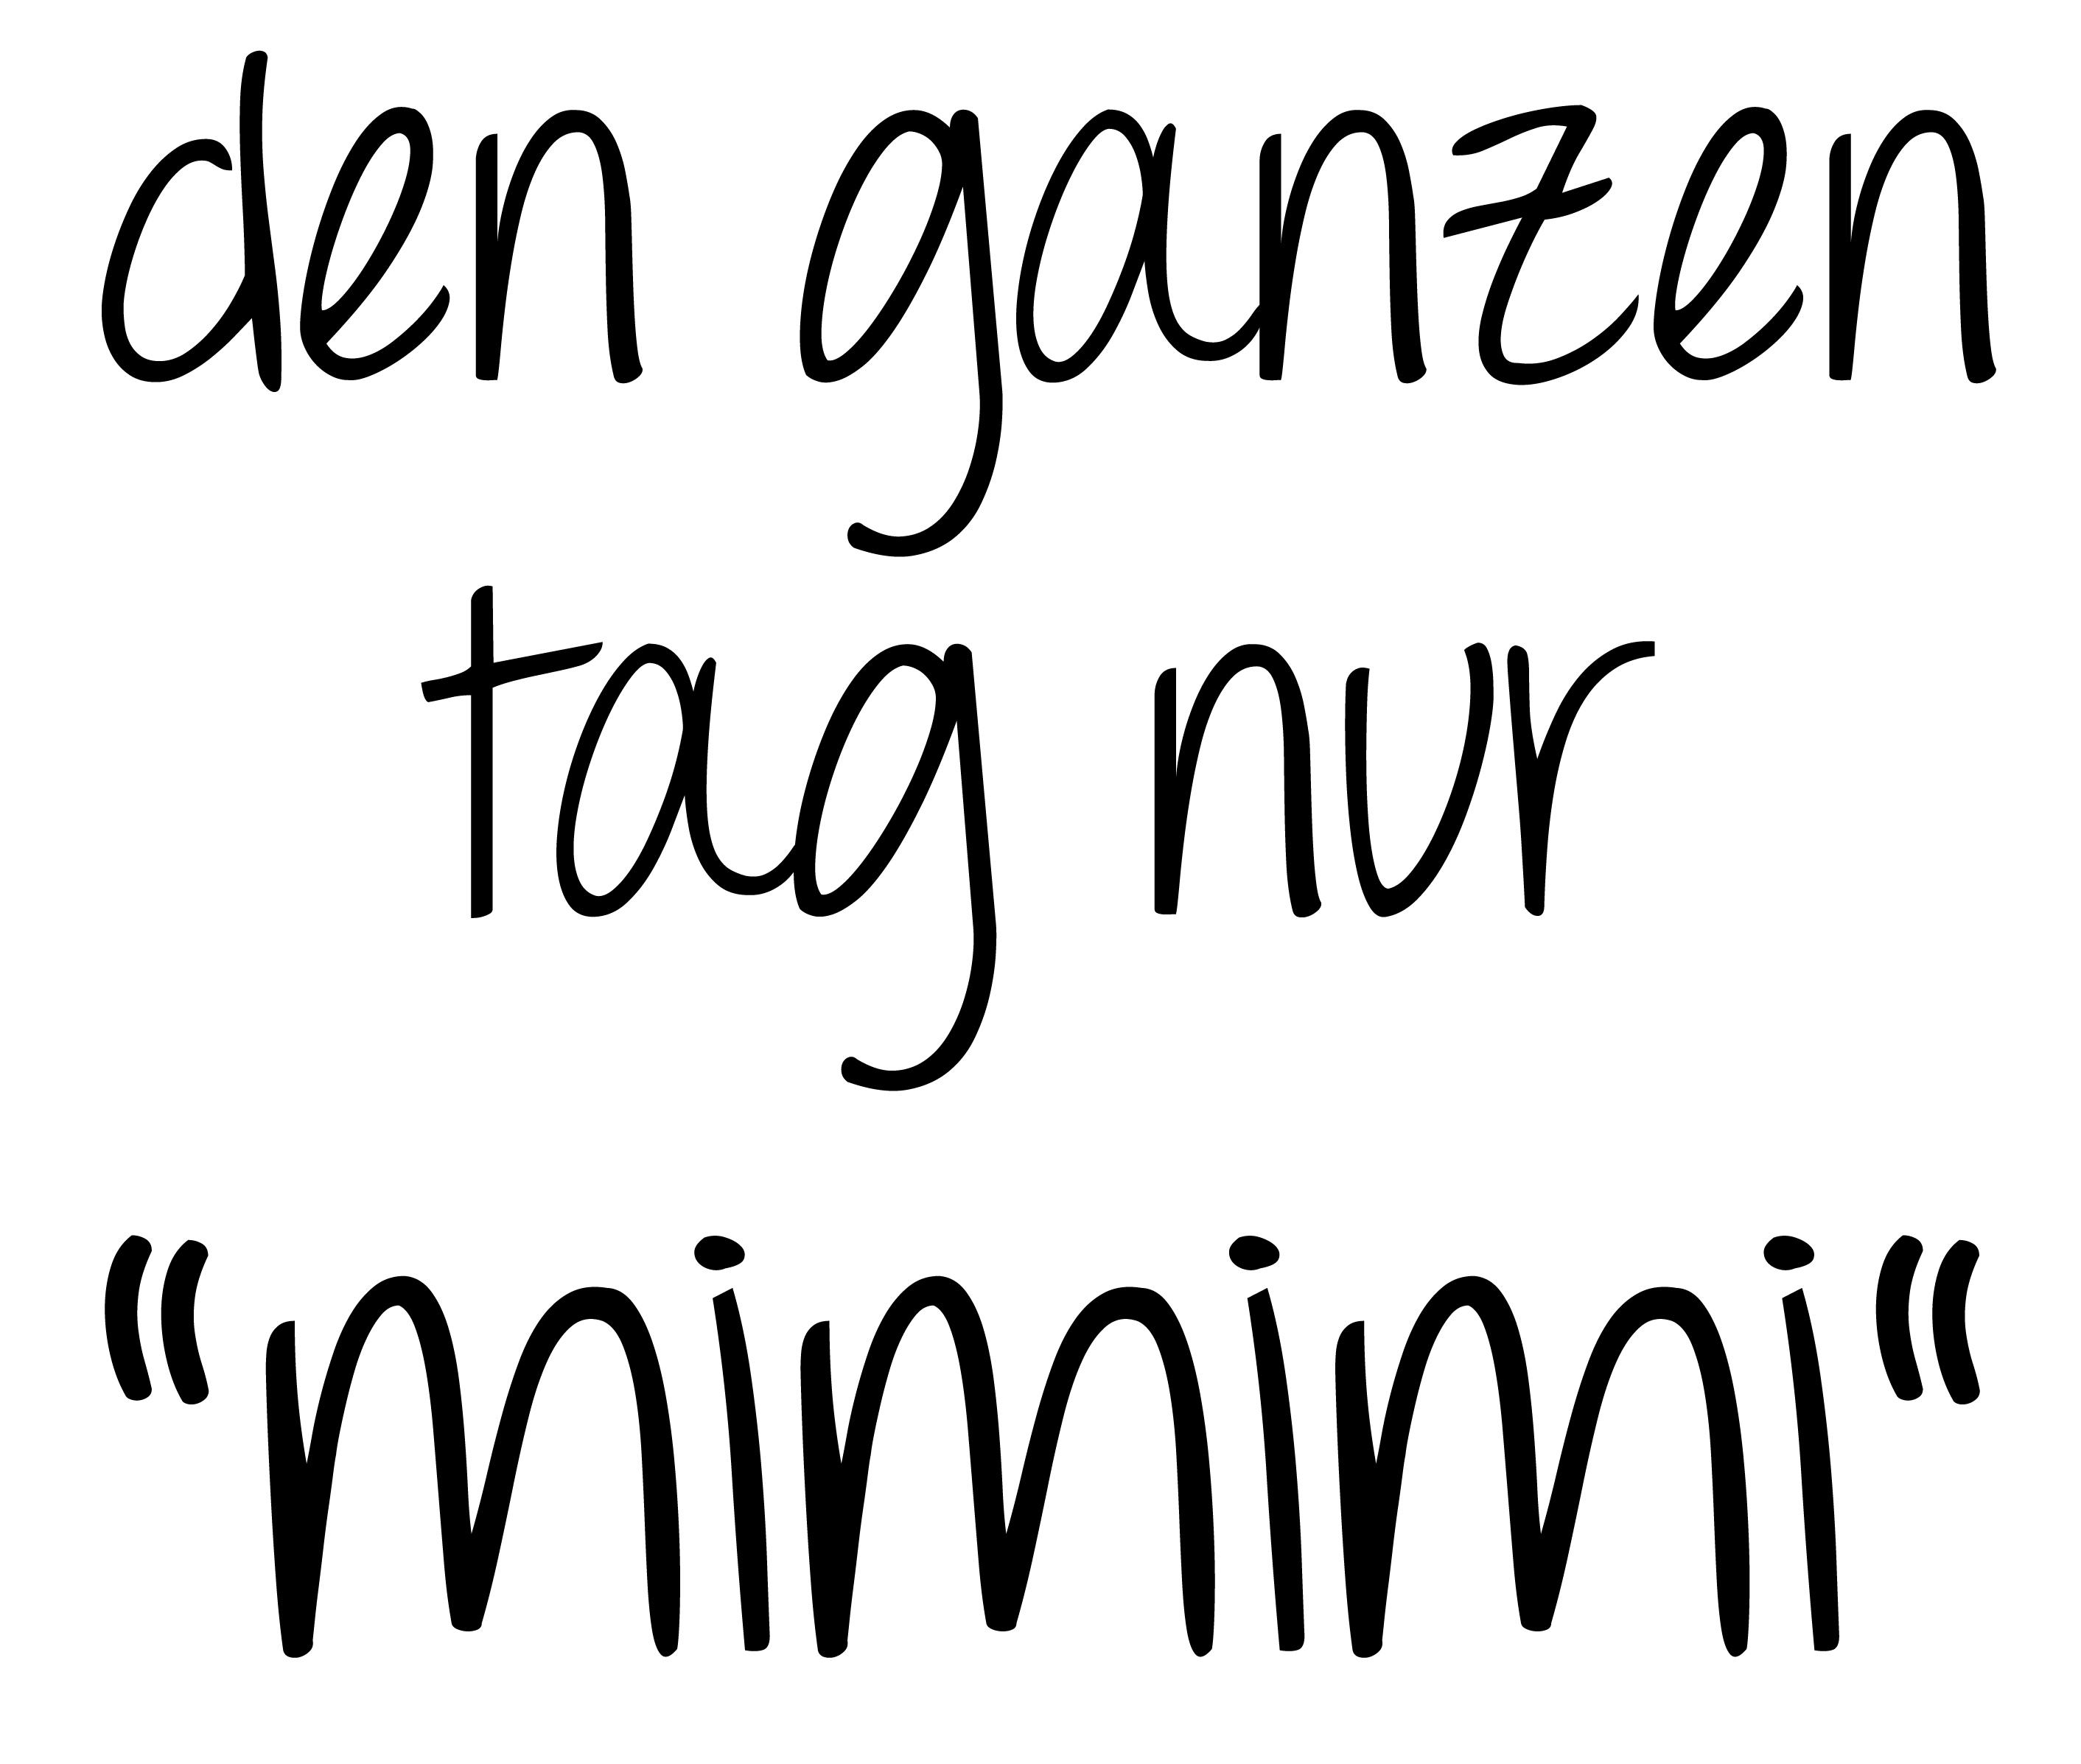 """Den Ganzen Tag Nur """"mimimi"""""""